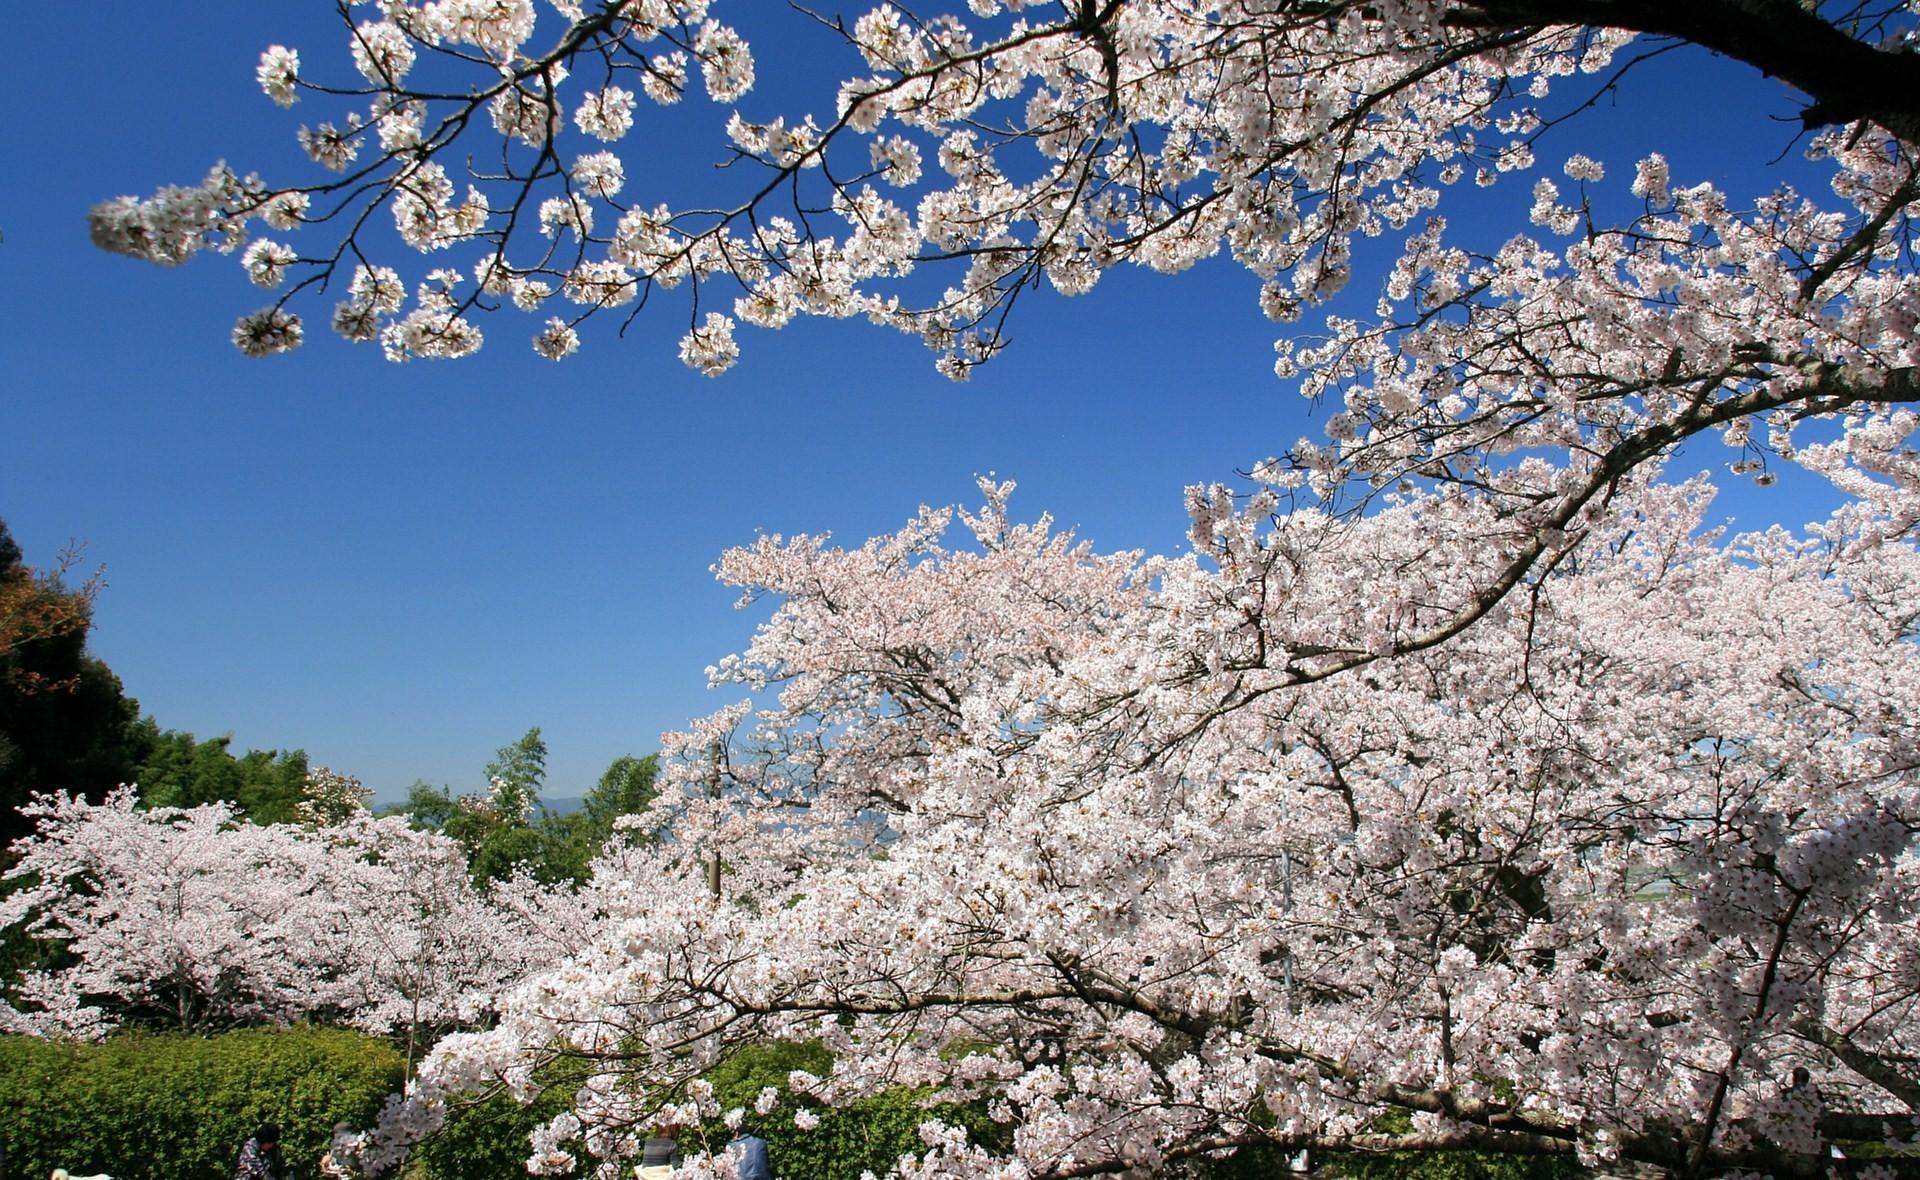 обставляют весна вишня цветет фото только